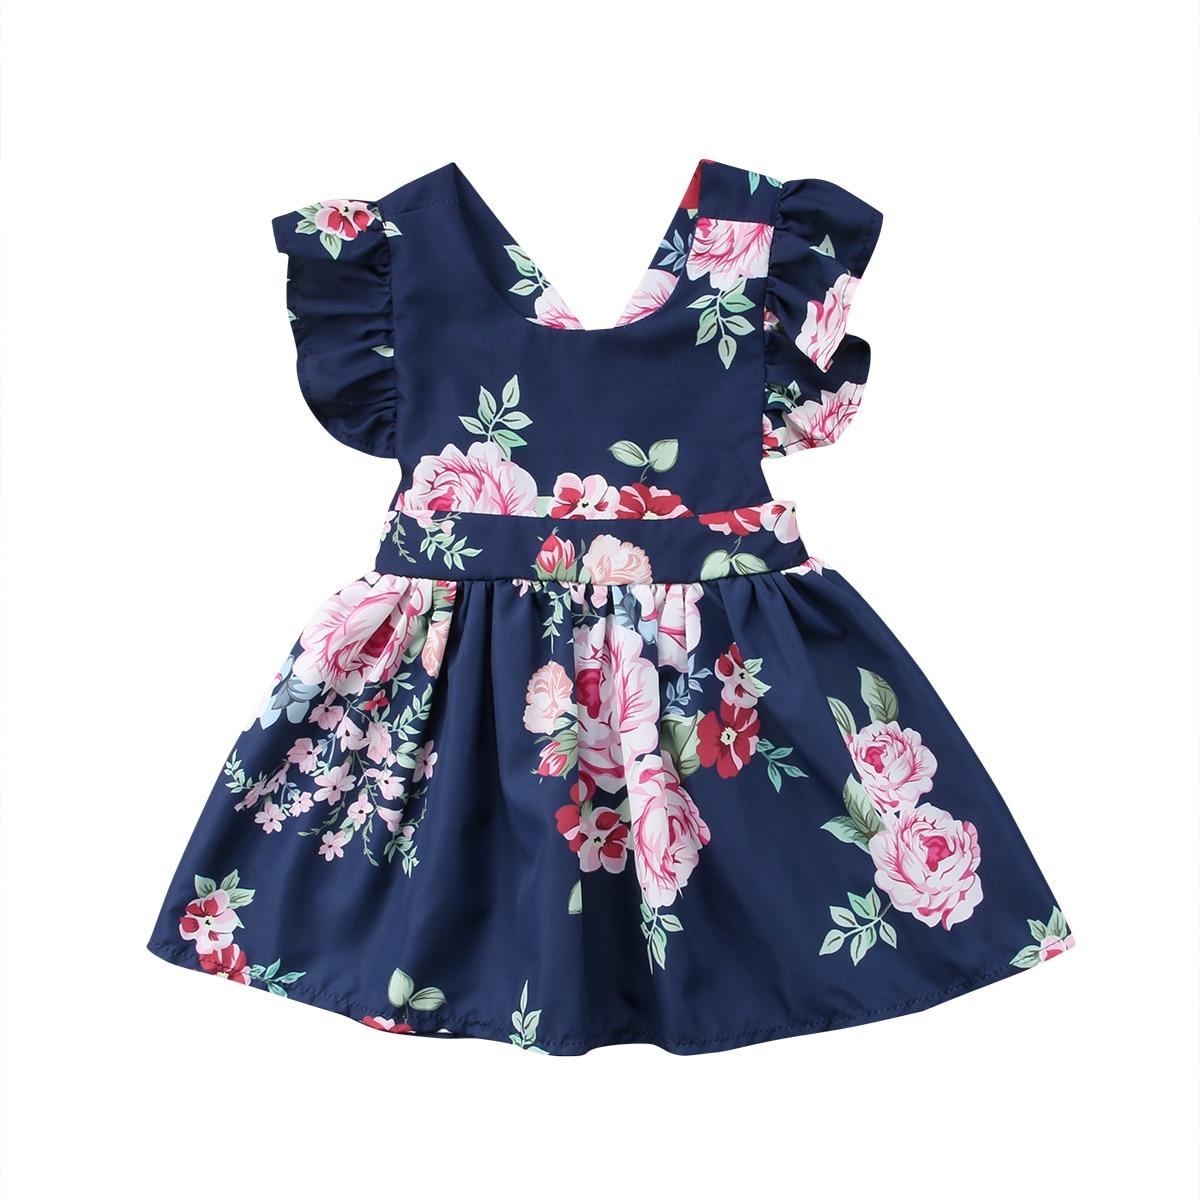 2018 модная одежда для маленьких девочек, платье-пачка с цветочным принтом и открытой спинкой для вечеринки, платье-сарафан, детская одежда